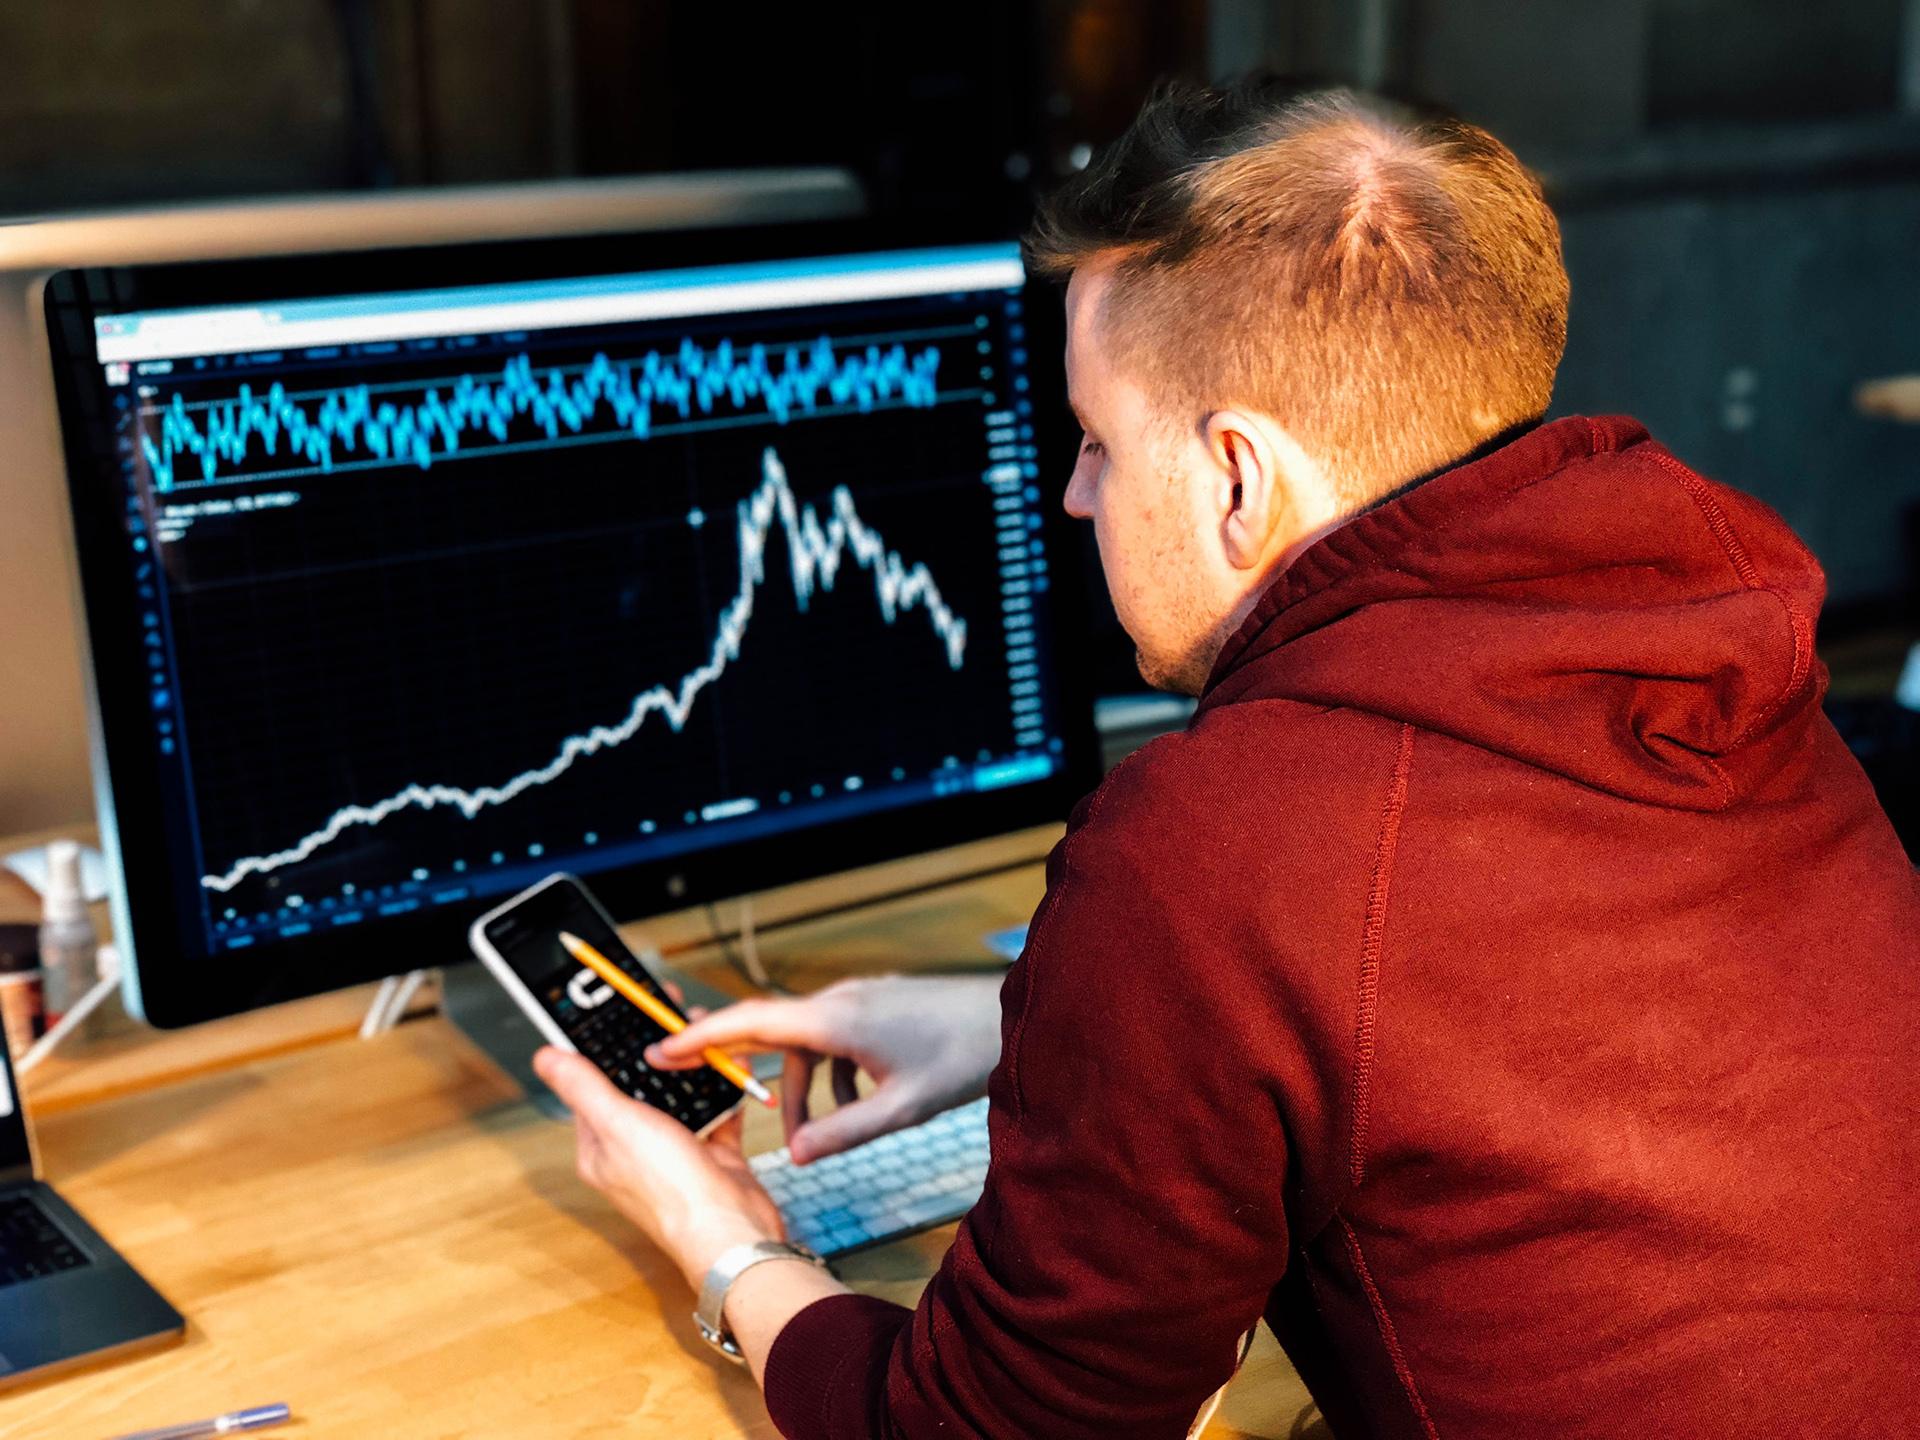 câștigurile pe internet și online strategii de tranzacționare intraday pentru opțiuni binare